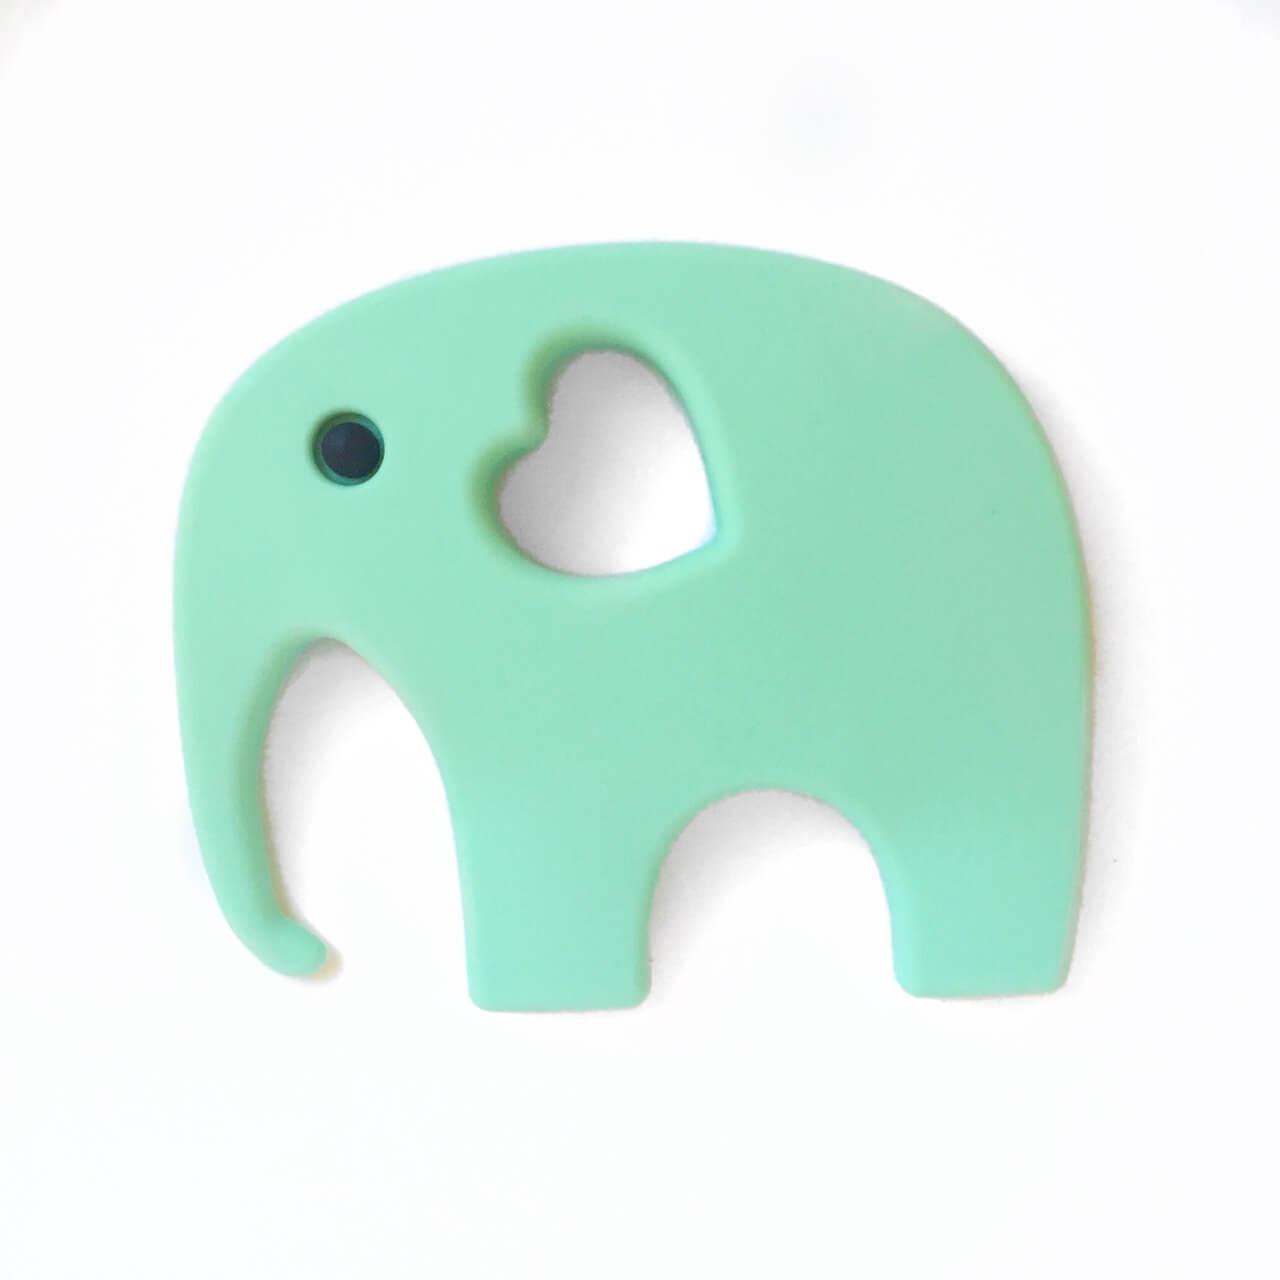 Слон с глазиком (мята) силиконовый грызунок